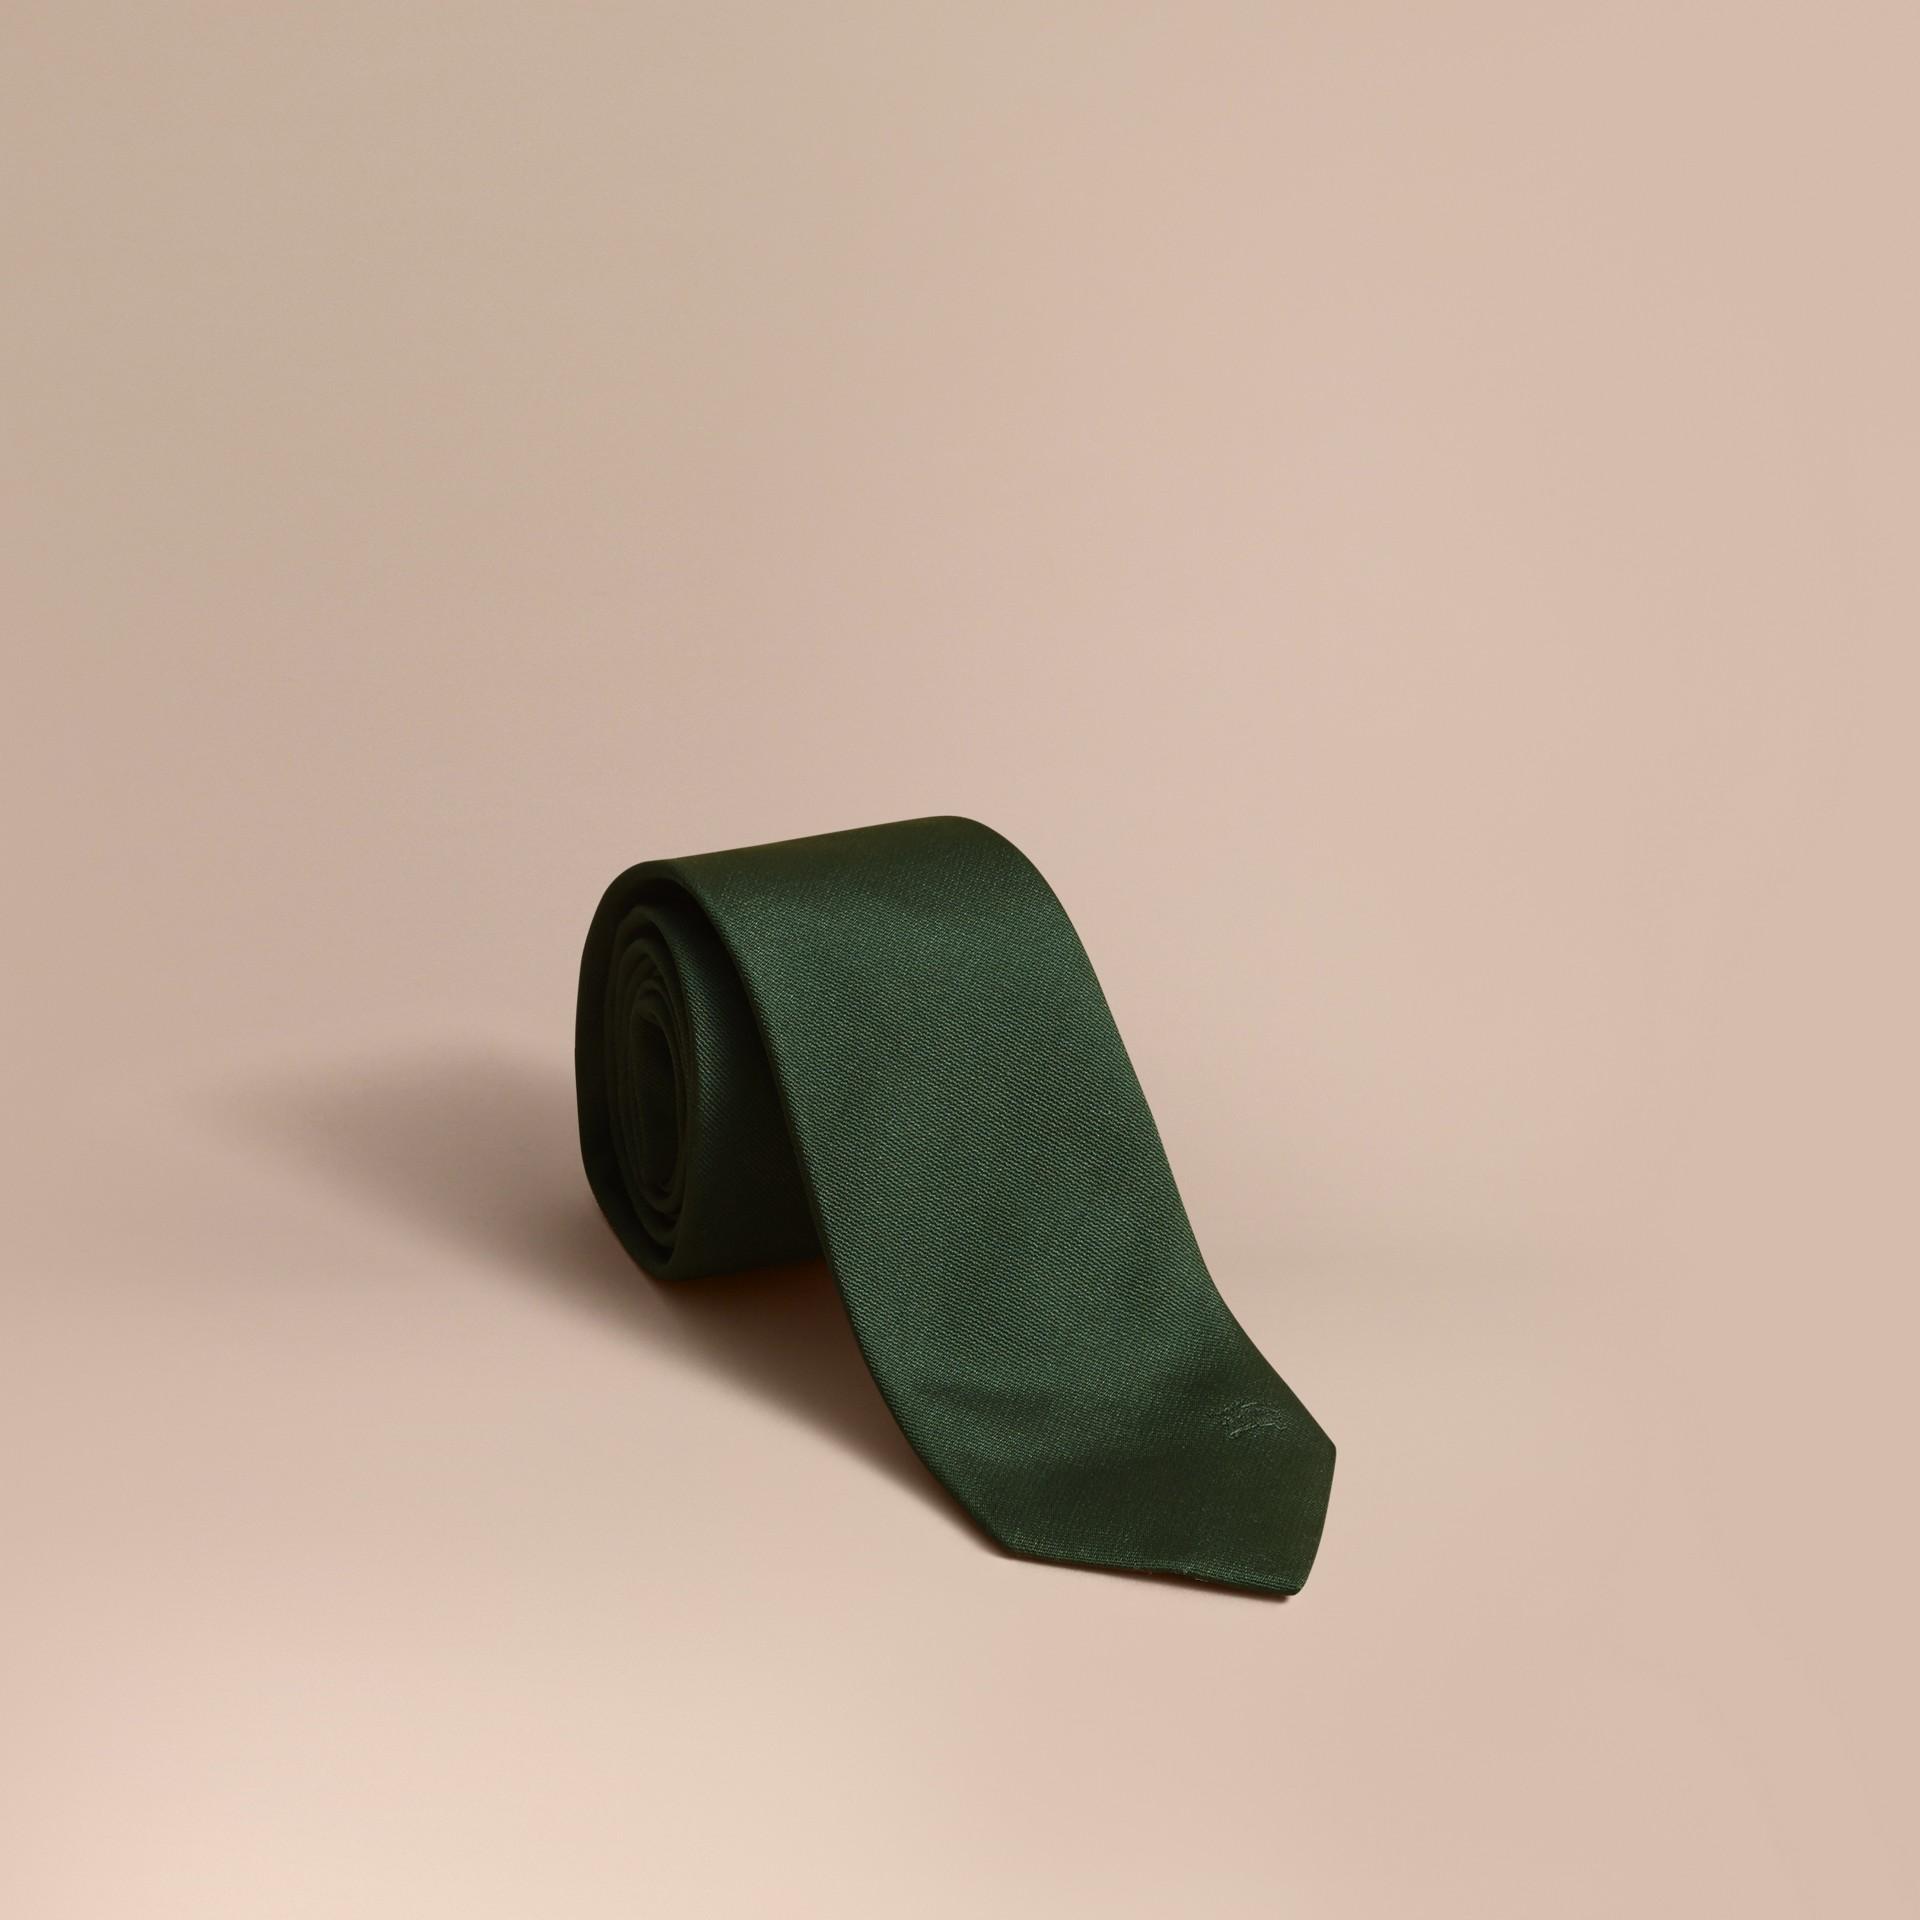 Gravata de sarja de seda com corte moderno Verde Floresta Escuro - galeria de imagens 1